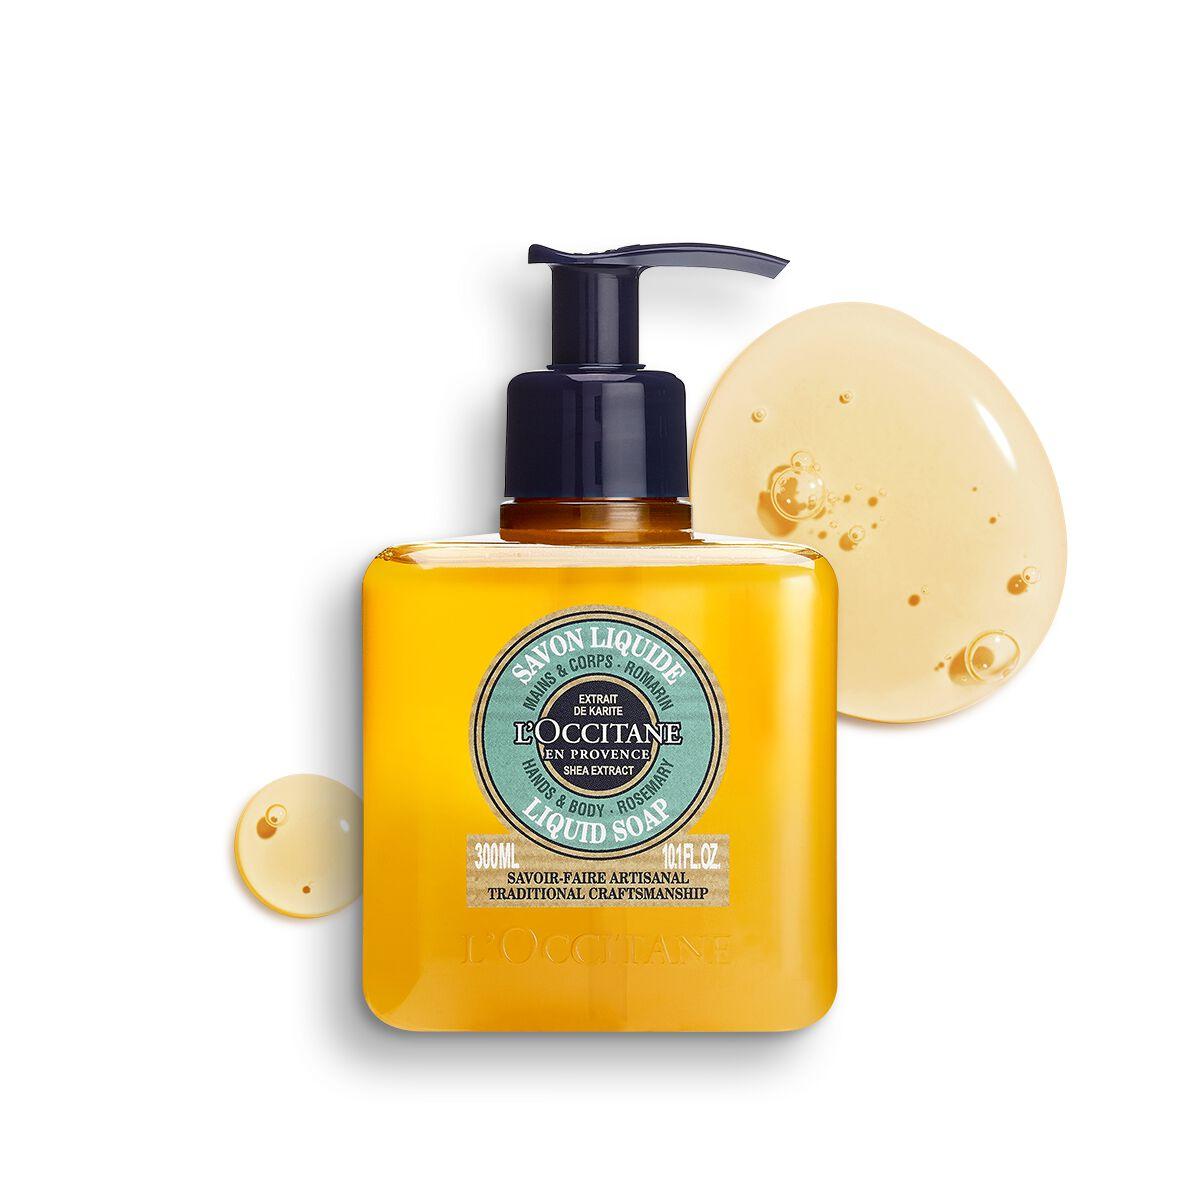 Shea Hands & Body Rosemary Liquid Soap 10.1 fl. oz.